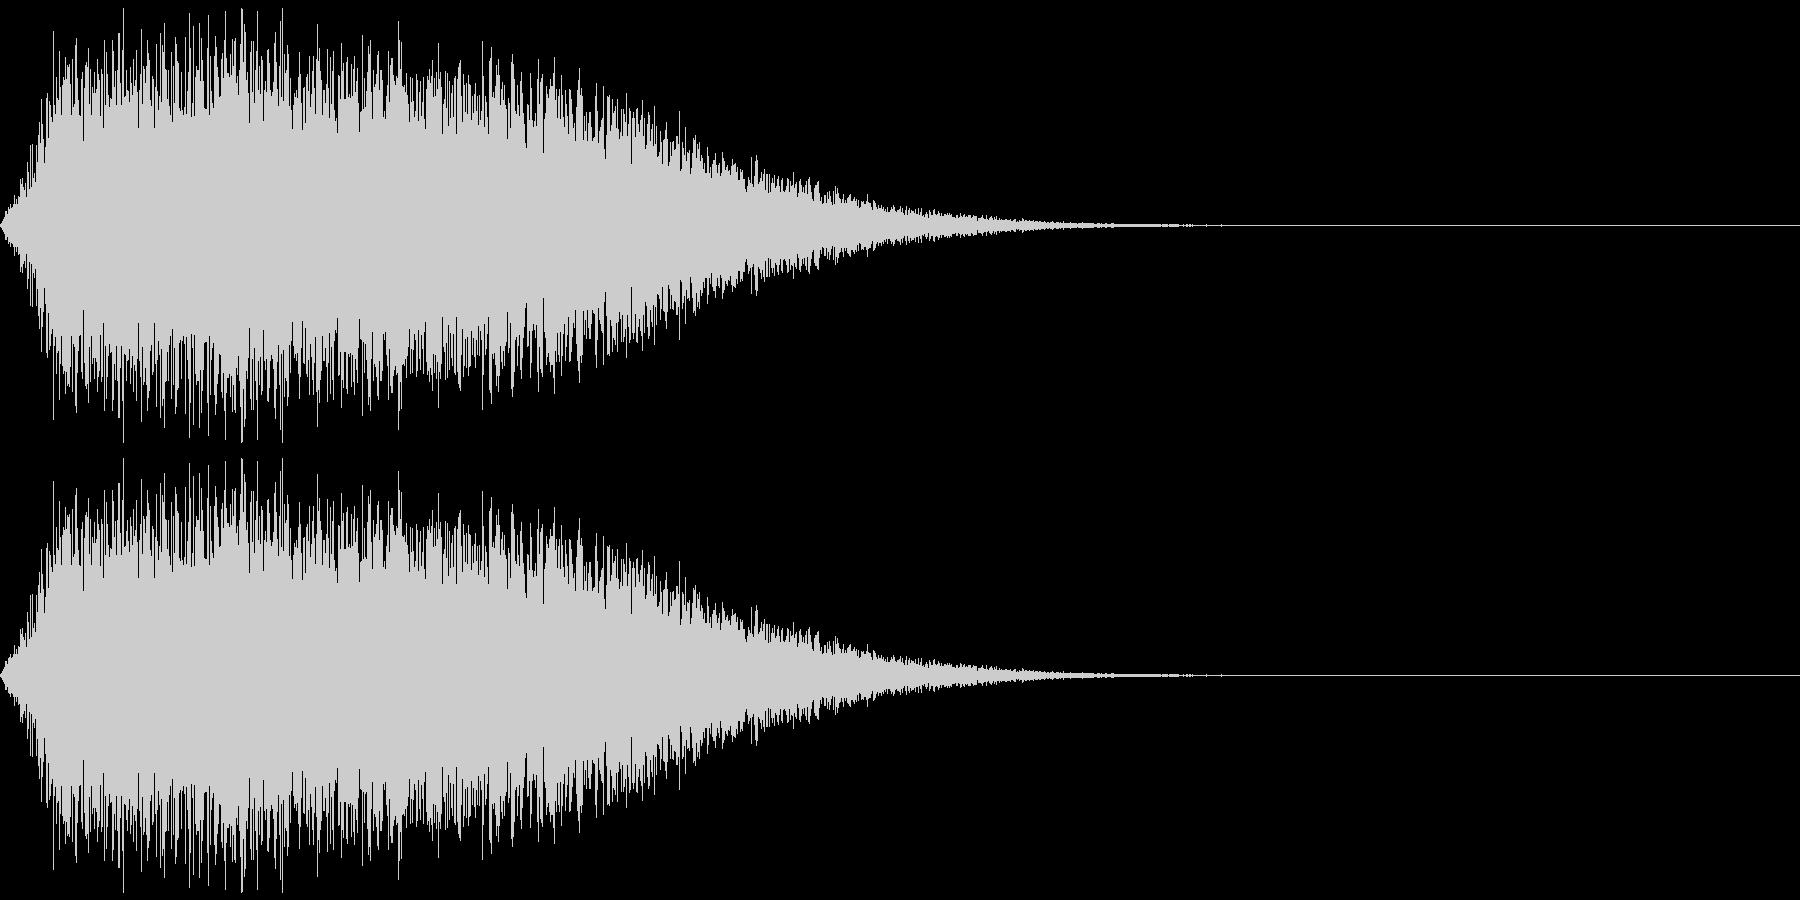 ジェット音、ミサイルの軌跡などをイメージの未再生の波形